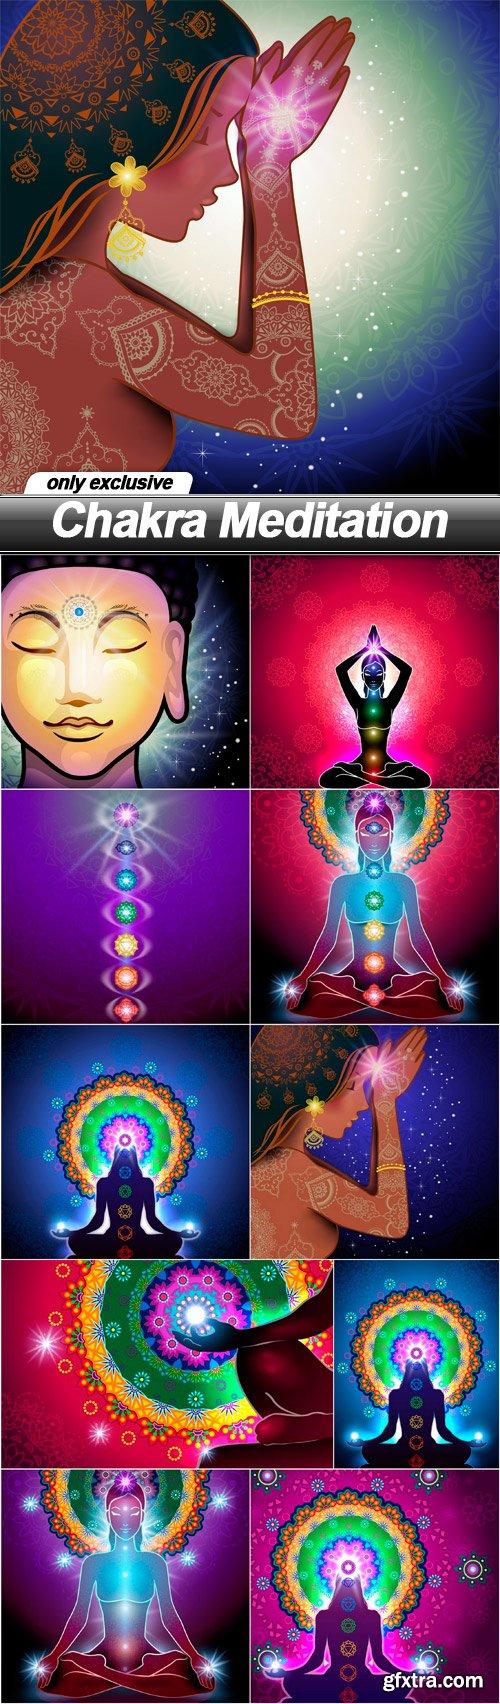 Chakra Meditation - 11 EPS